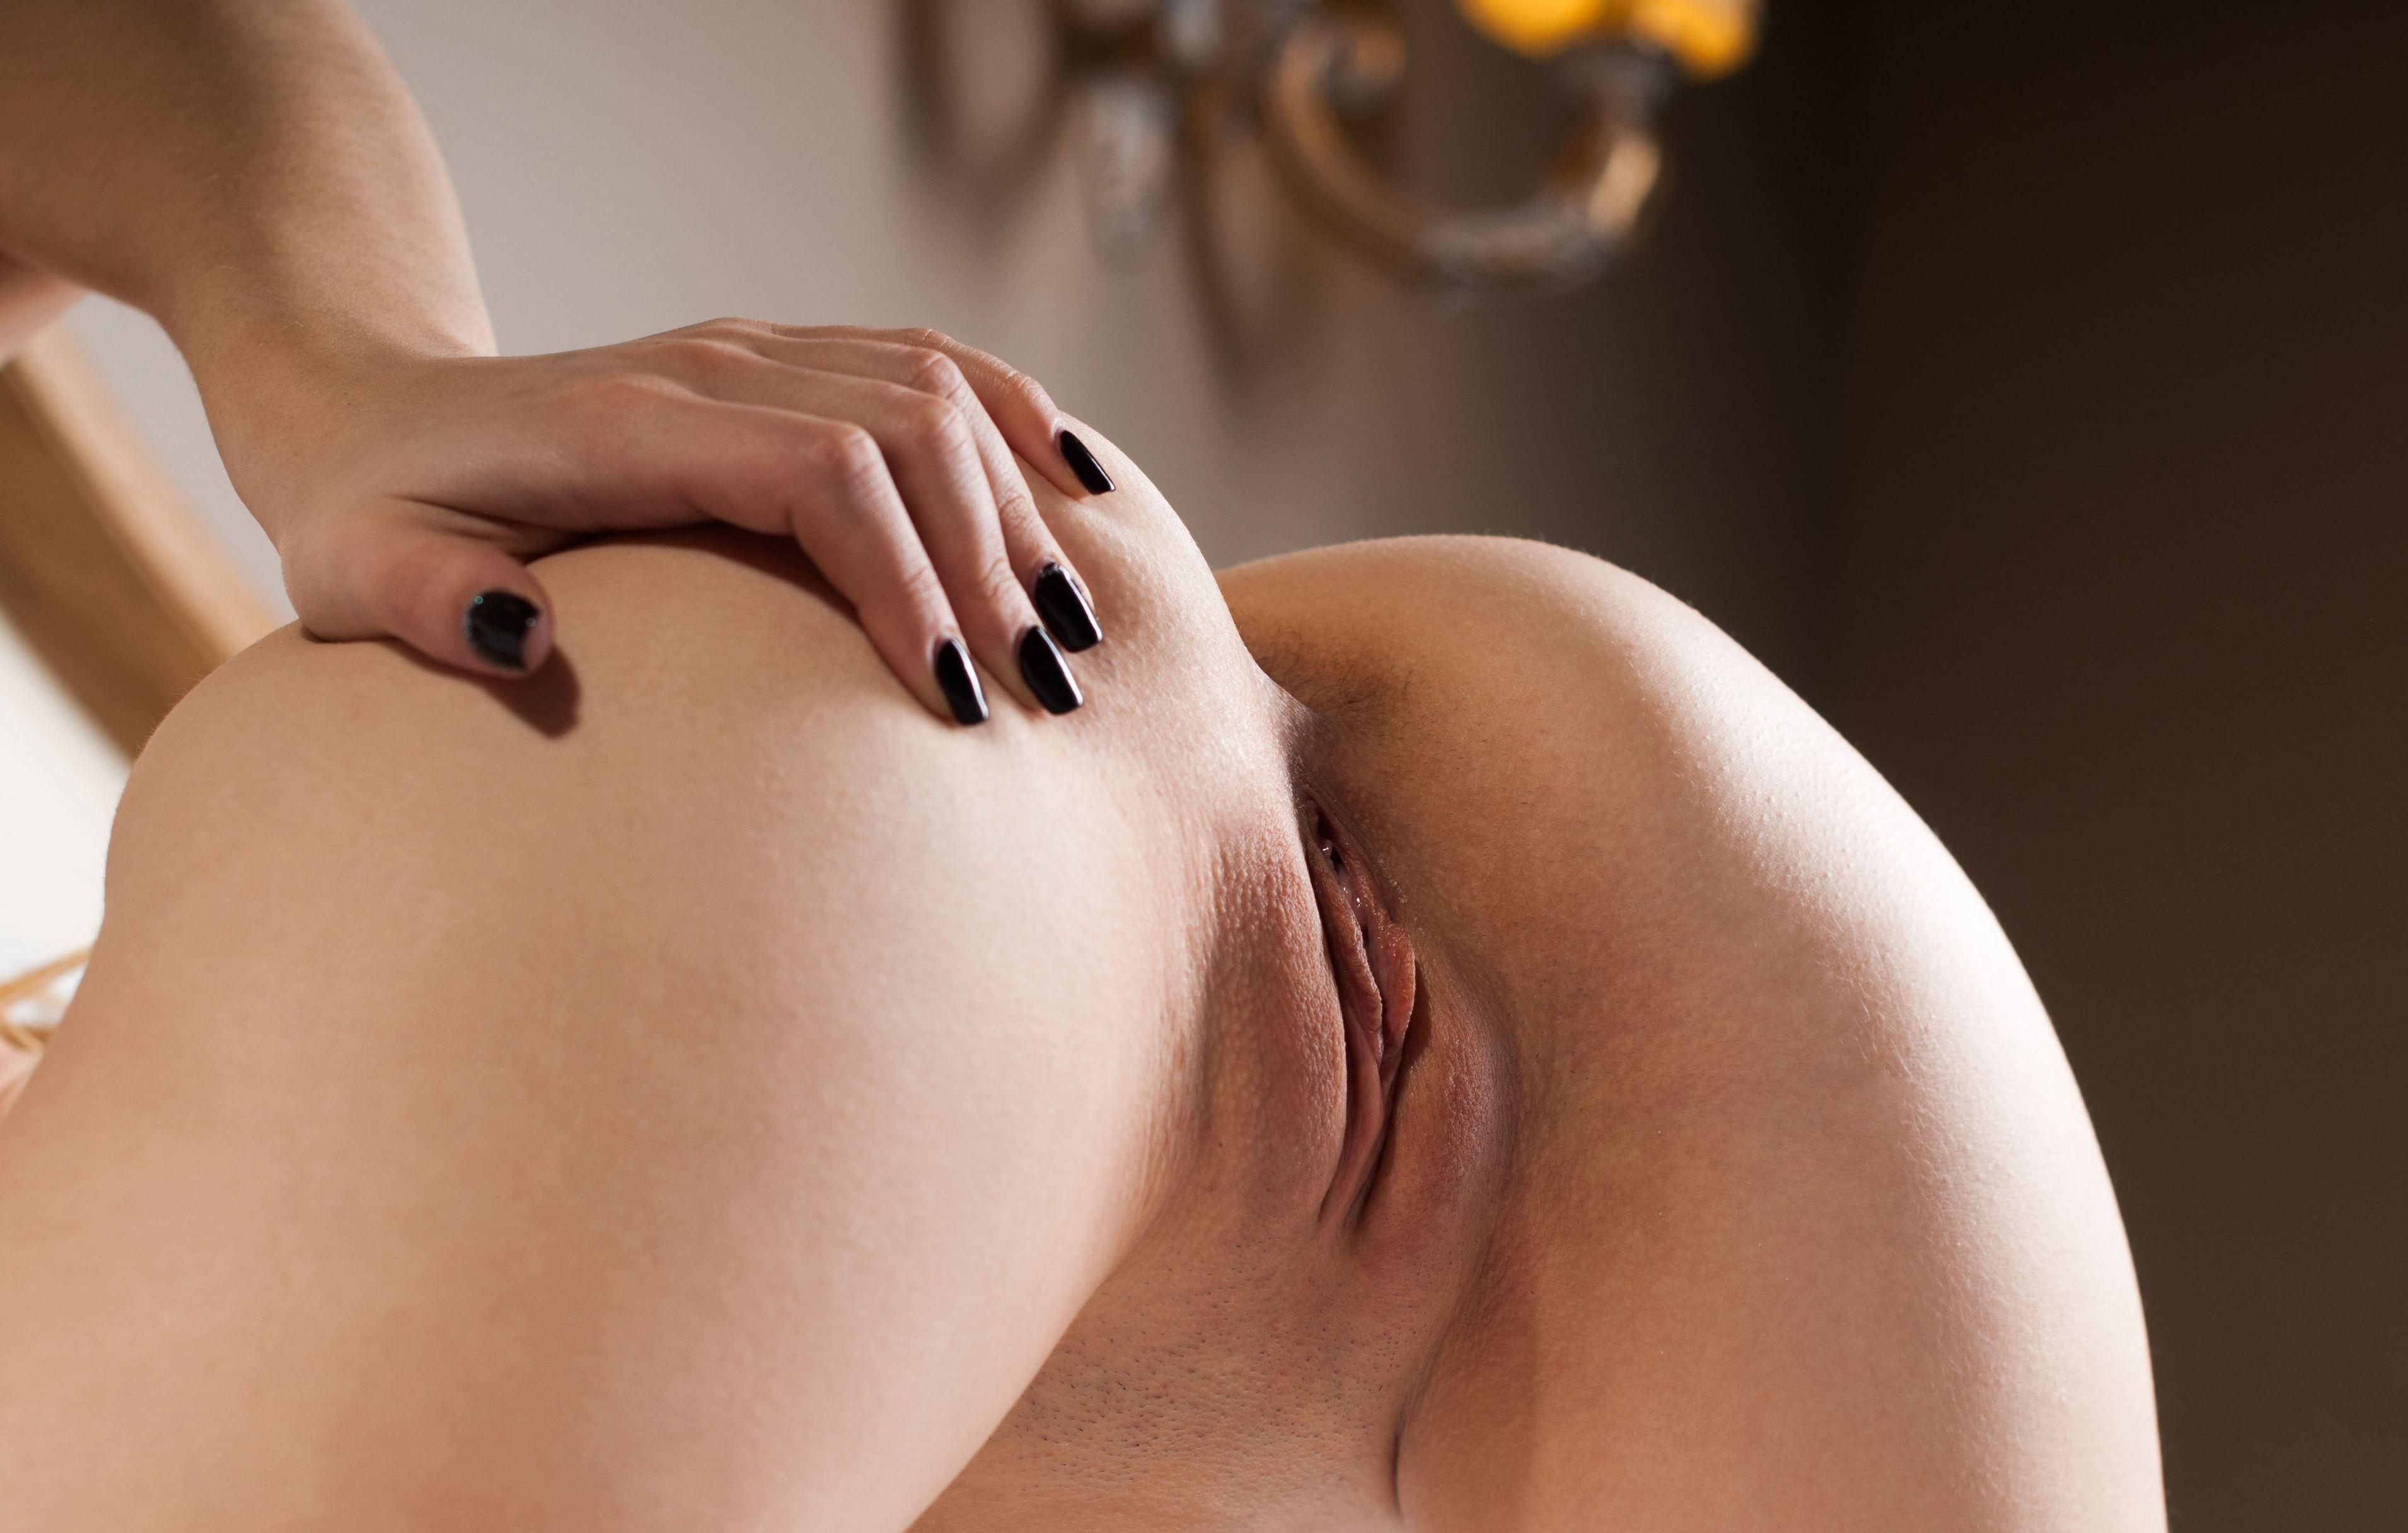 Фото Рука гладит голую попку, бритая киска, половые губы, щелка, сладкие дырки, скачать картинку бесплатно